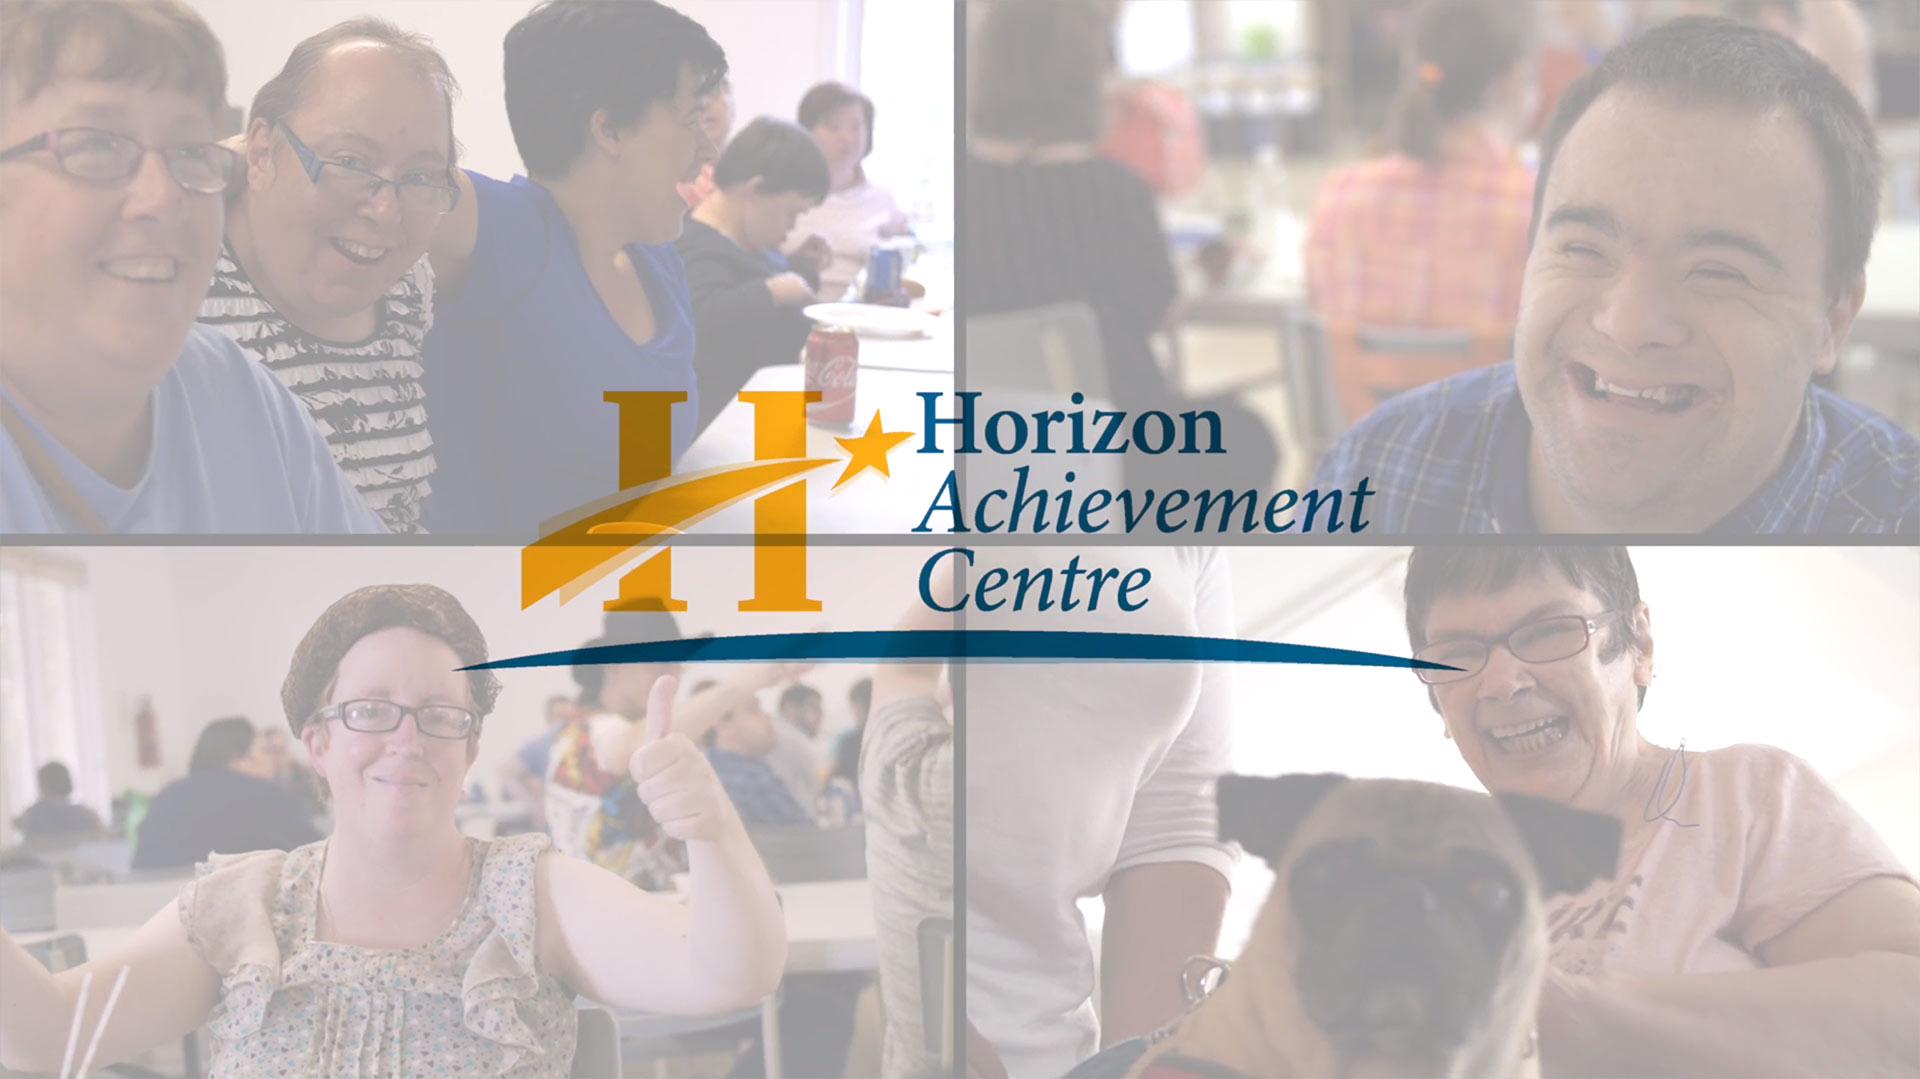 Horizon Overview